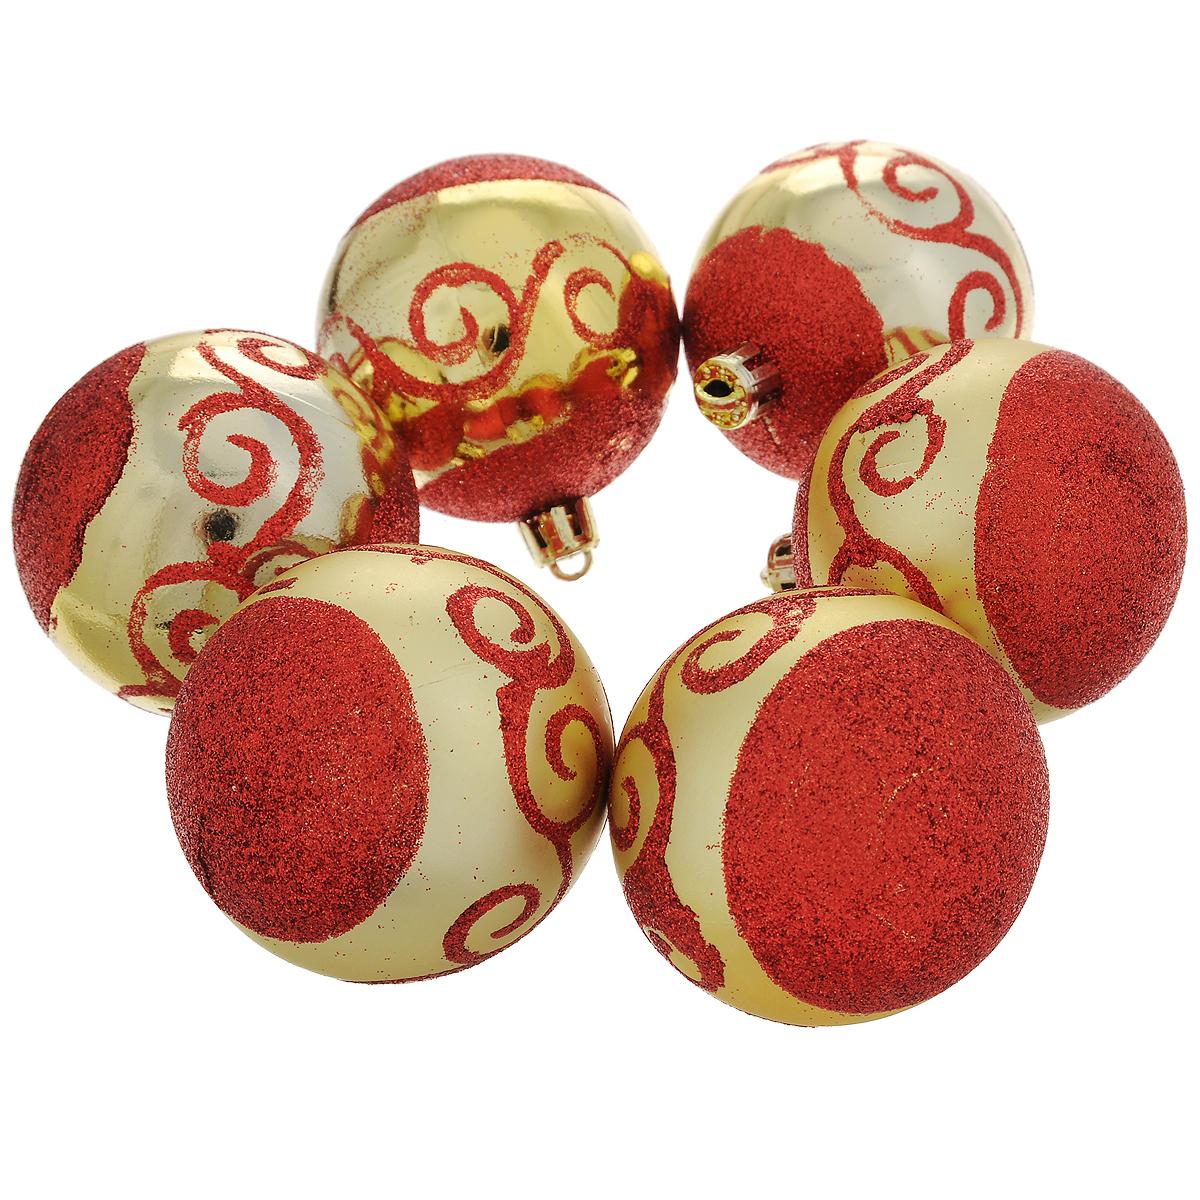 Набор новогодних подвесных украшений Шар, цвет: золотистый, красный, диаметр 6 см, 6 шт. 3555335553Набор новогодних подвесных украшений Шар прекрасно подойдет для праздничного декора новогодней ели. Состоит из шести шаров.Елочная игрушка - символ Нового года. Она несет в себе волшебство и красоту праздника. Создайте в своем доме атмосферу веселья и радости, украшая новогоднюю елку нарядными игрушками, которые будут из года в год накапливать теплоту воспоминаний. Коллекция декоративных украшений принесет в ваш дом ни с чем несравнимое ощущение волшебства! Откройте для себя удивительный мир сказок и грез. Почувствуйте волшебные минуты ожидания праздника, создайте новогоднее настроение вашим дорогим и близким.